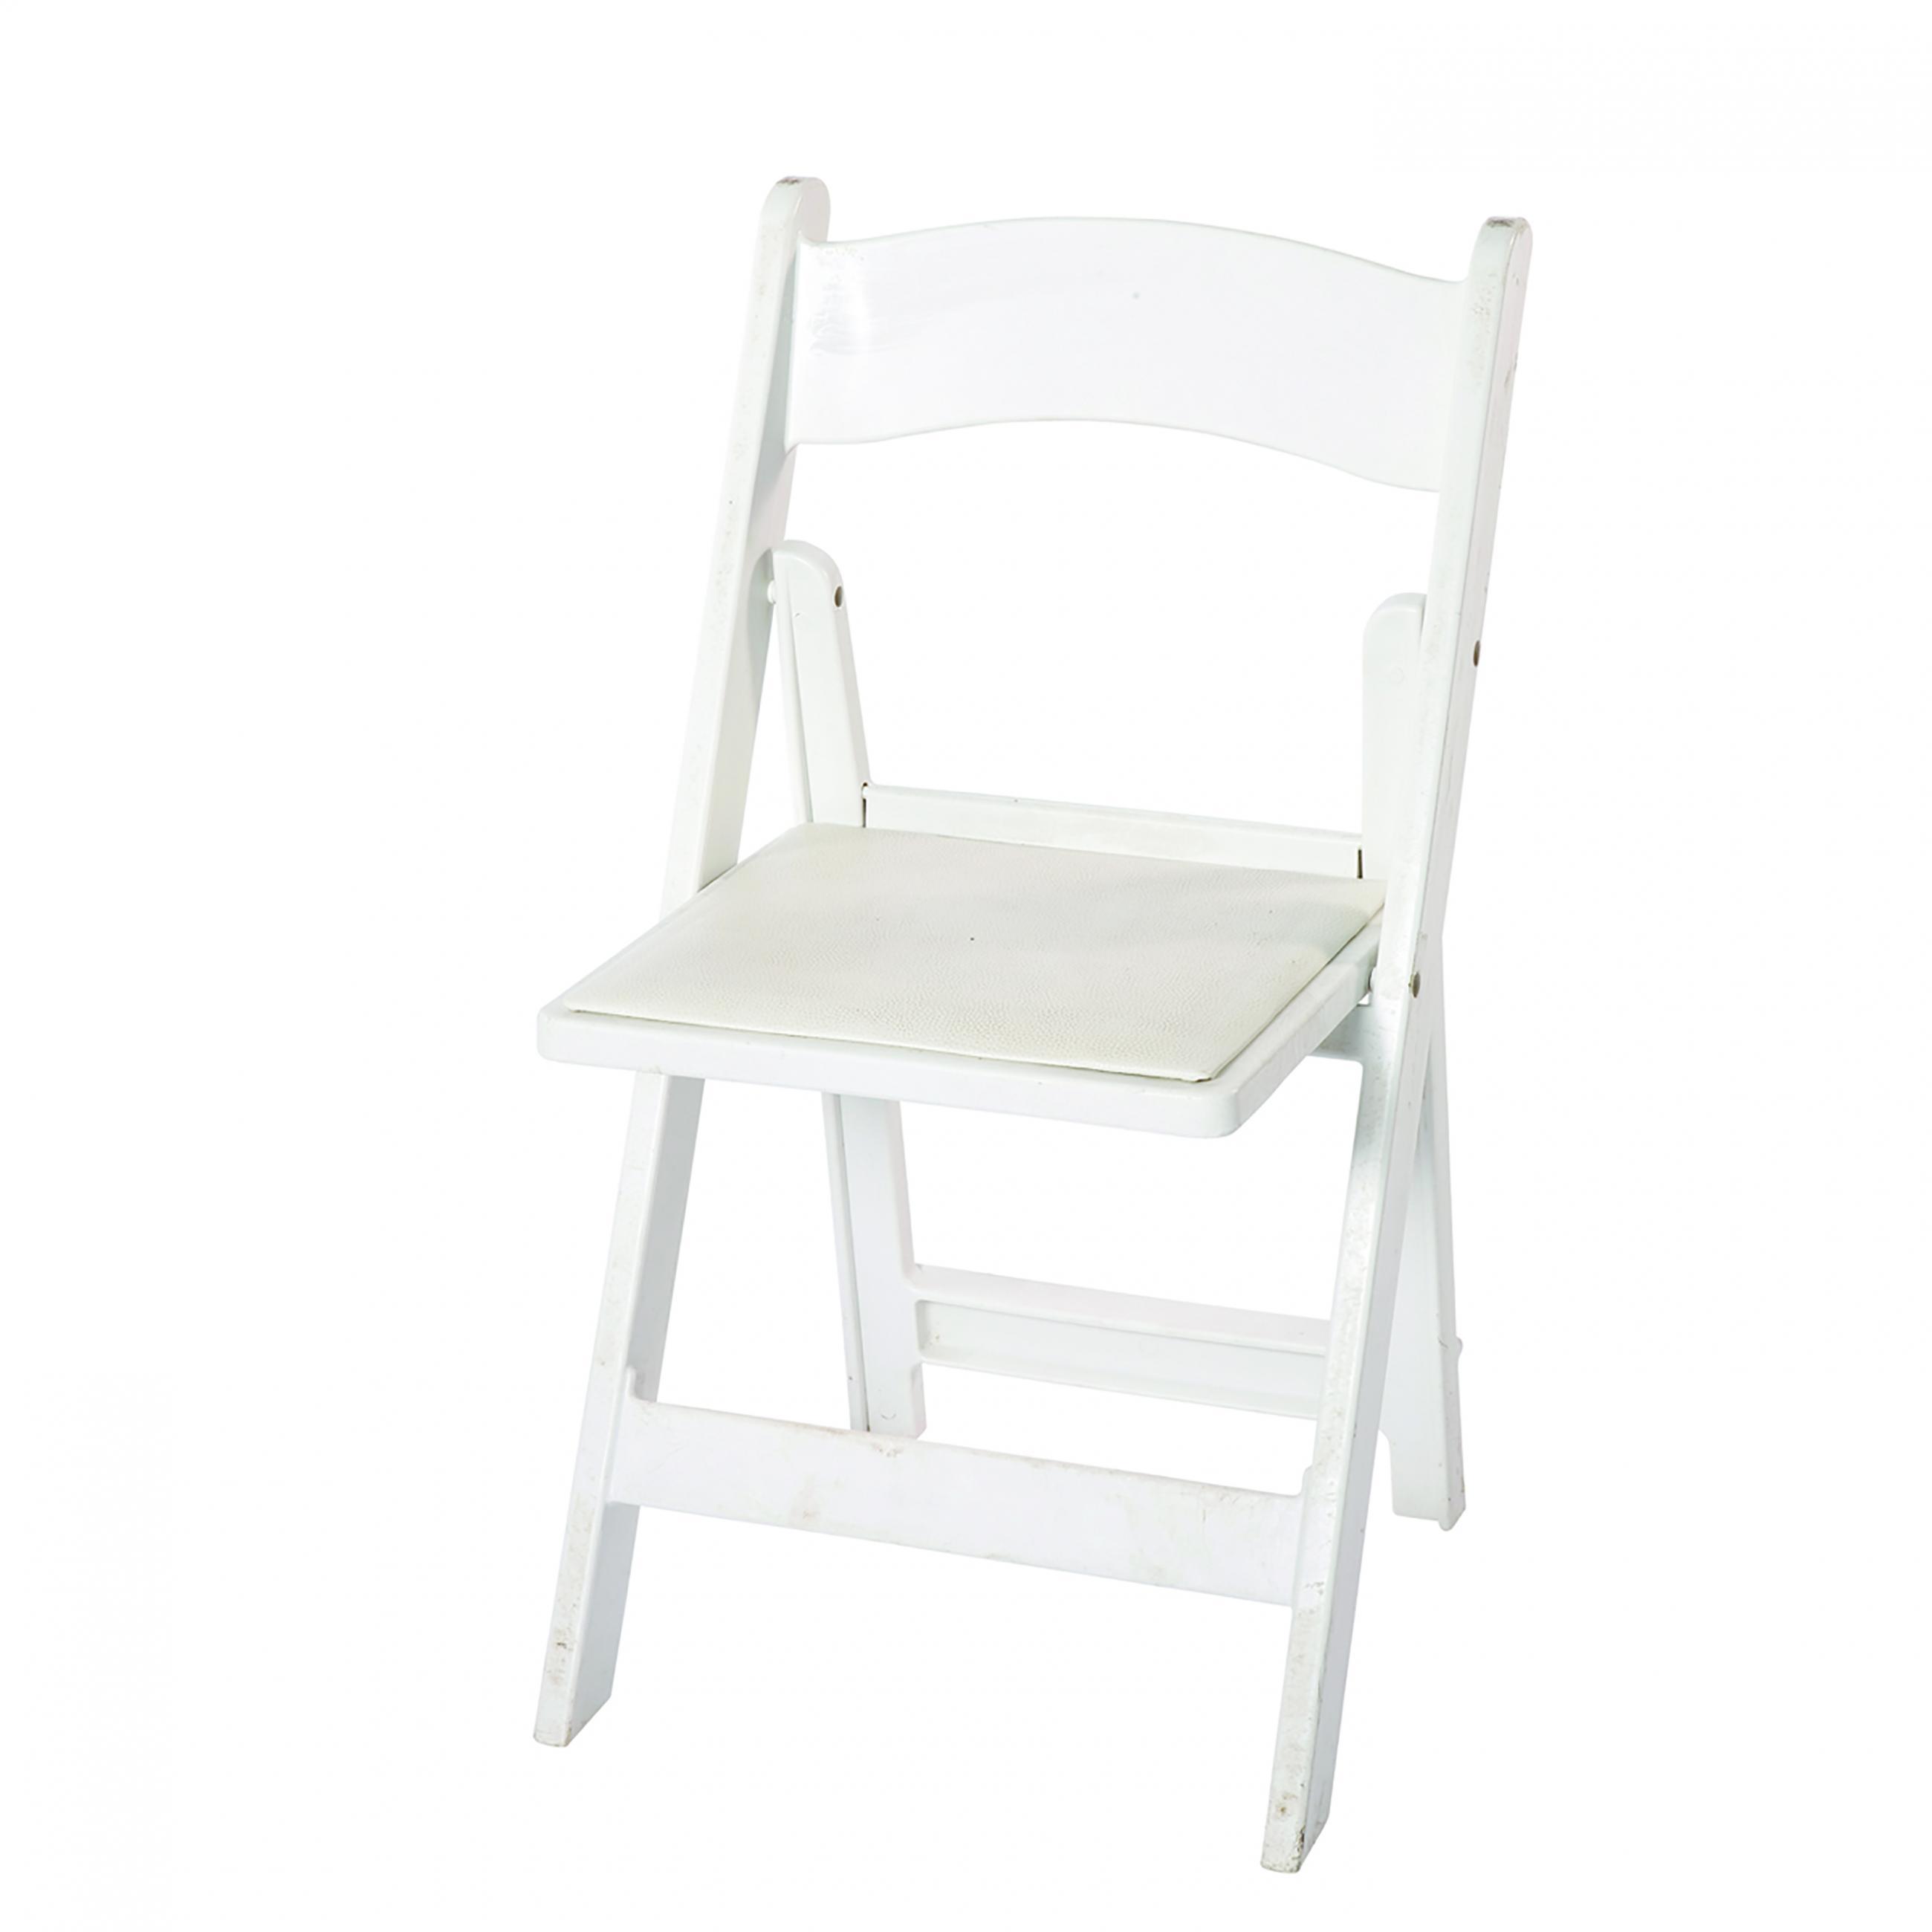 Garden Resin White Chair | Peak Event Services